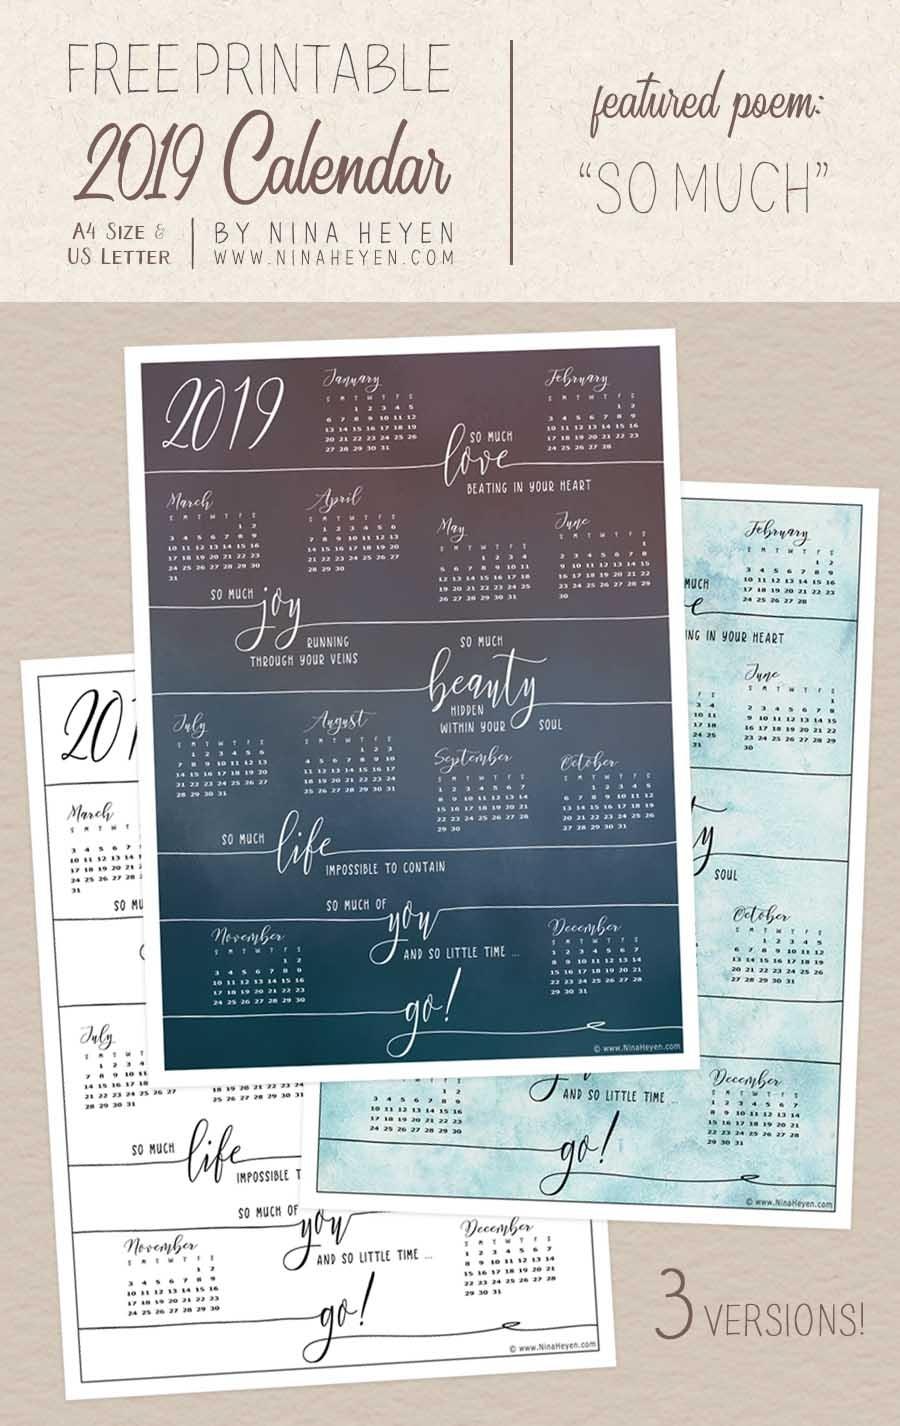 Free Printable Poetry Calendar 2019 | Nina Heyen